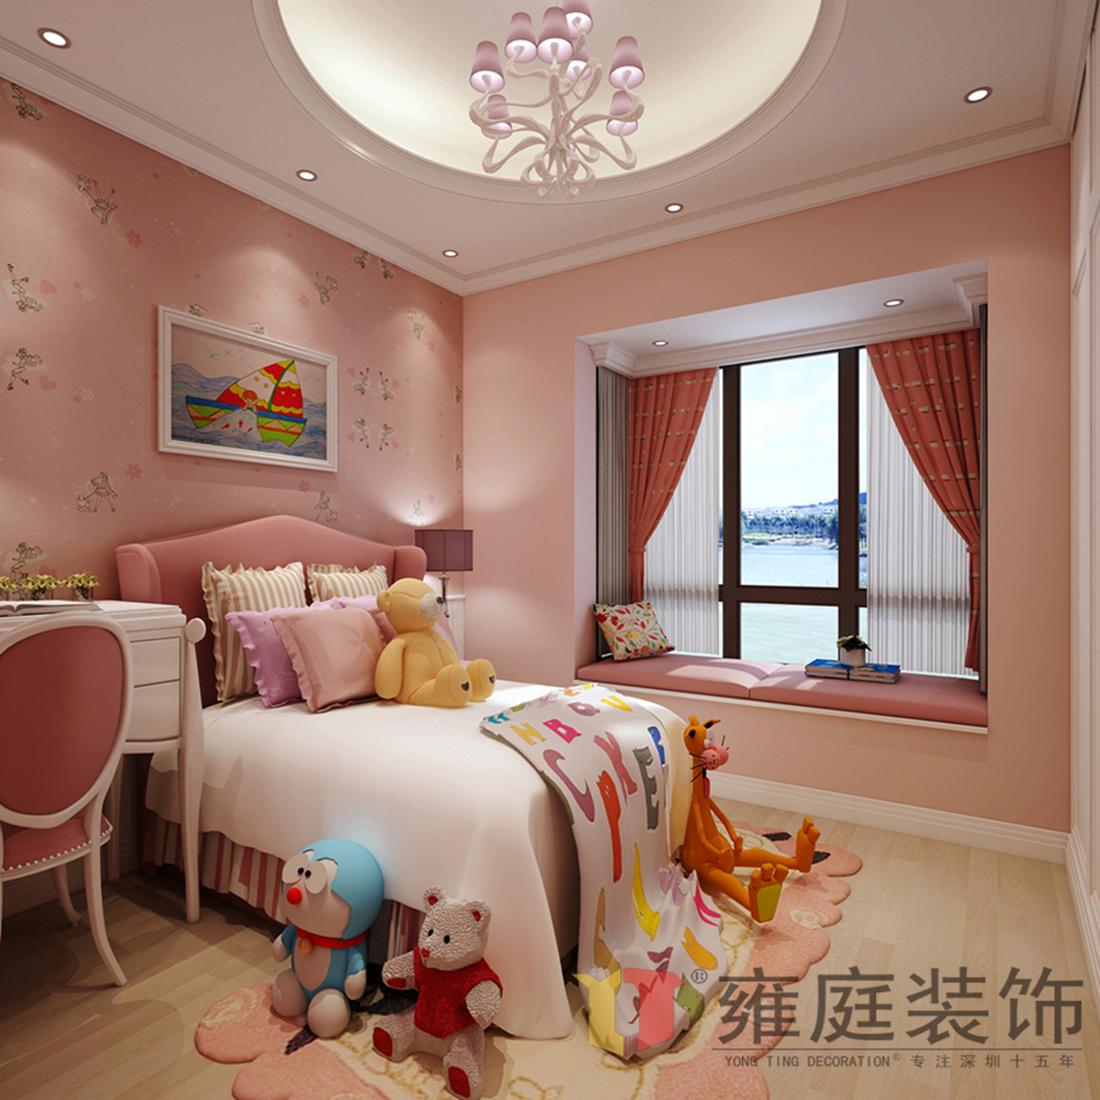 简约 欧式 白领 旧房改造 小资 卧室图片来自深圳雍庭装饰在聚豪园的分享